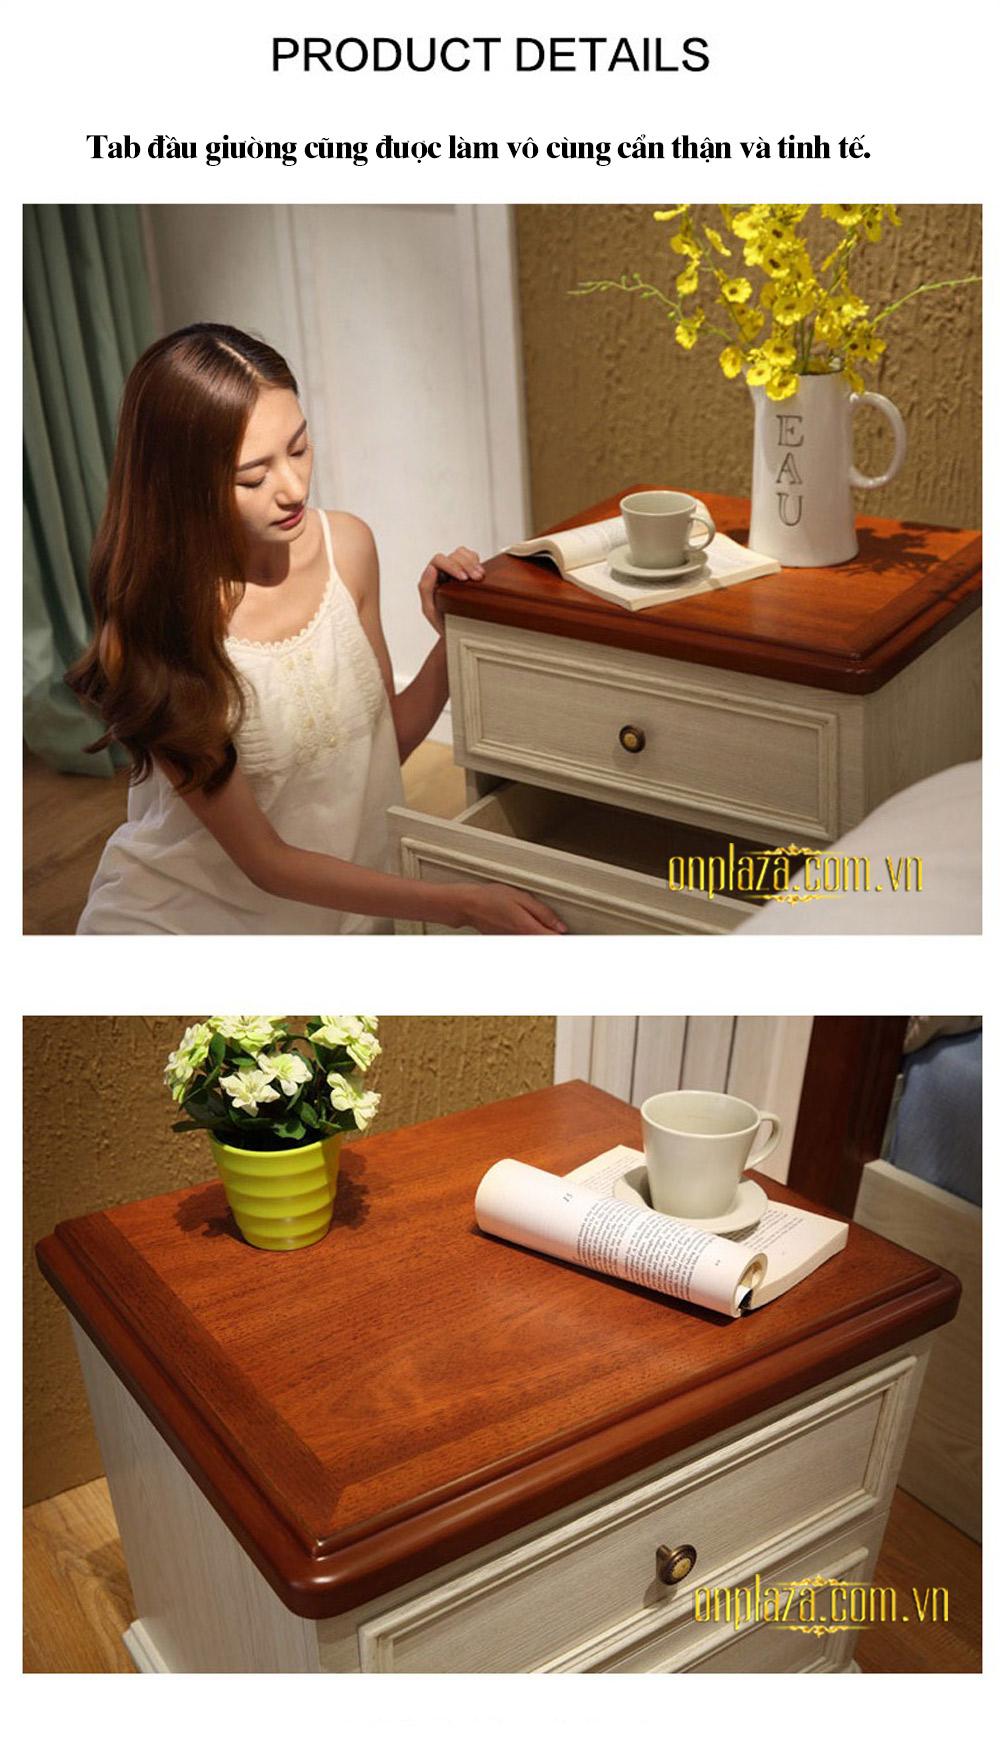 Bộ giường ngủ gỗ phong cách Địa Trung Hải (dát truyền thống) G158